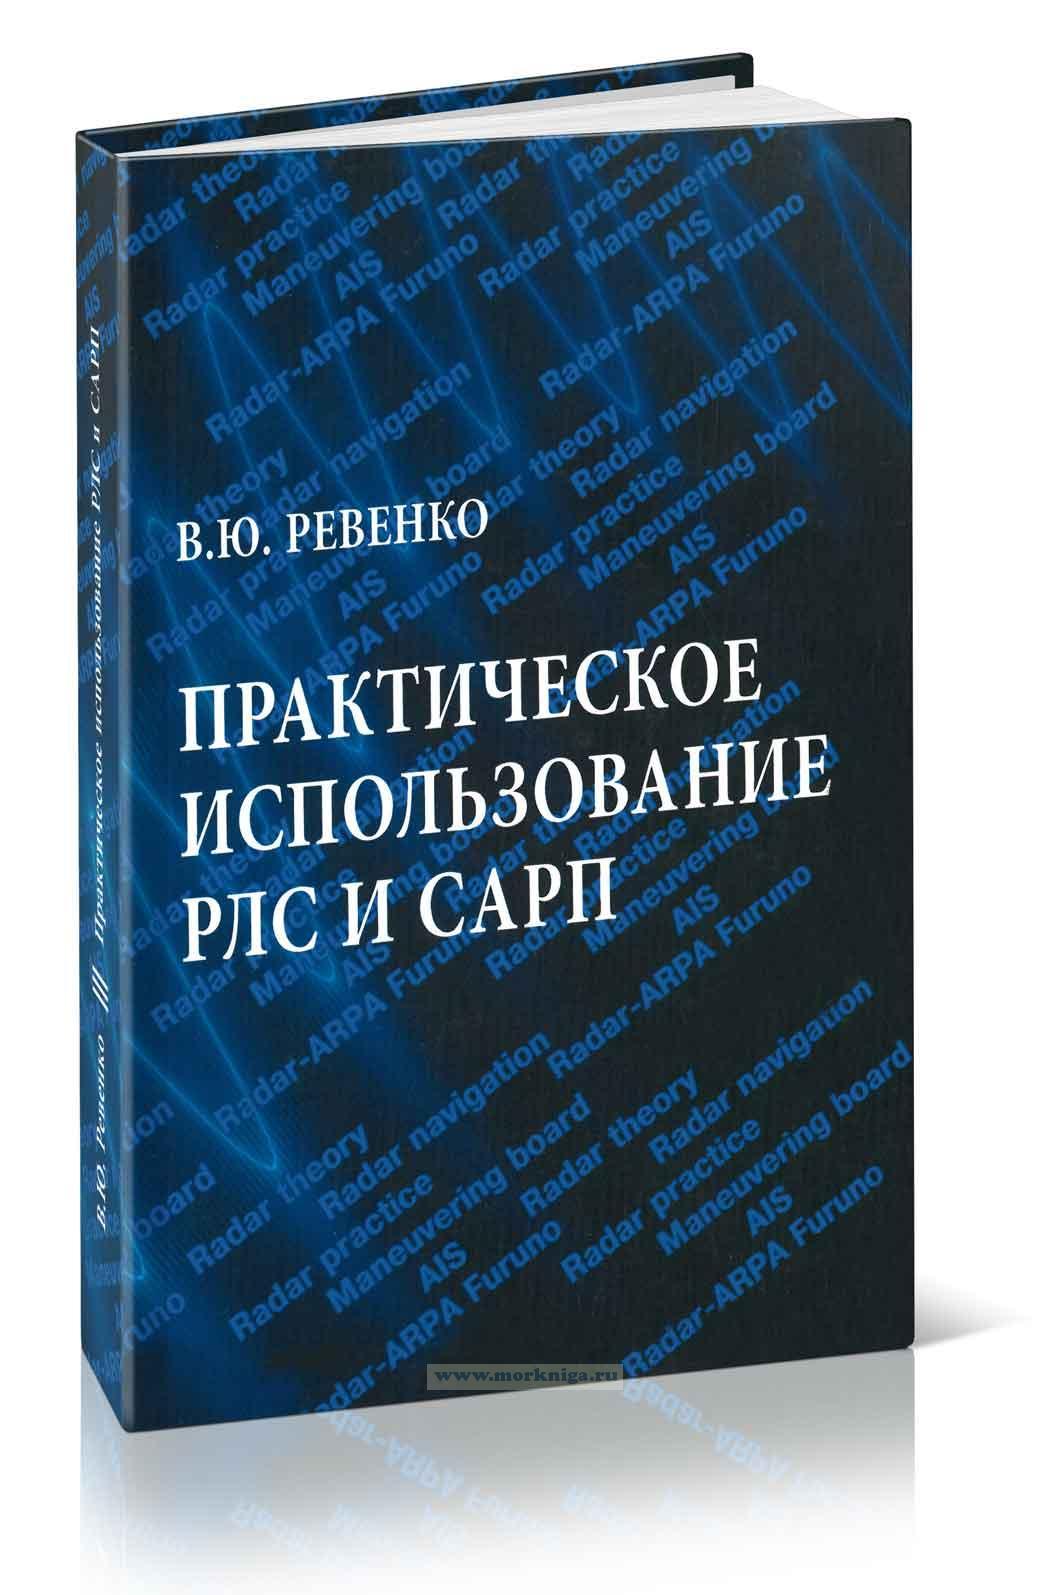 Практическое использование РЛС и САРП: учебное пособие